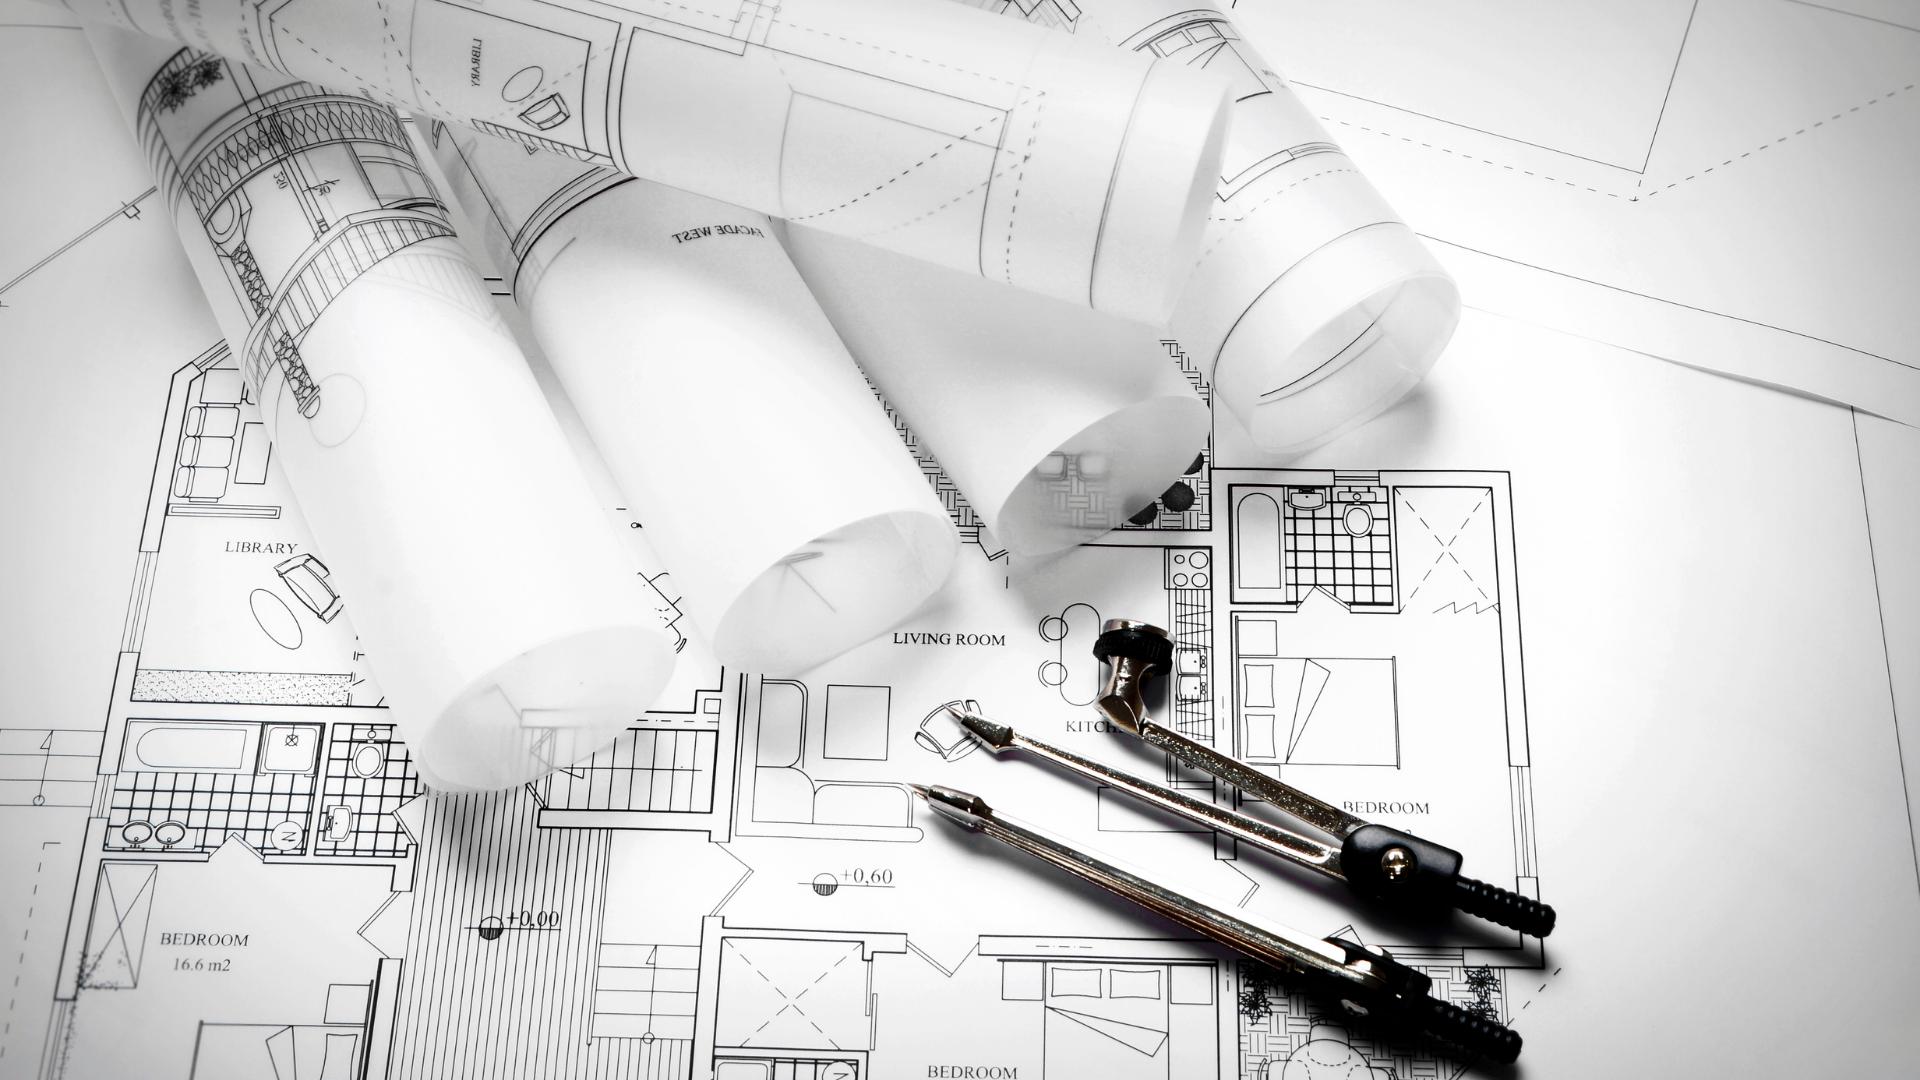 Pläne einer Bauplanung